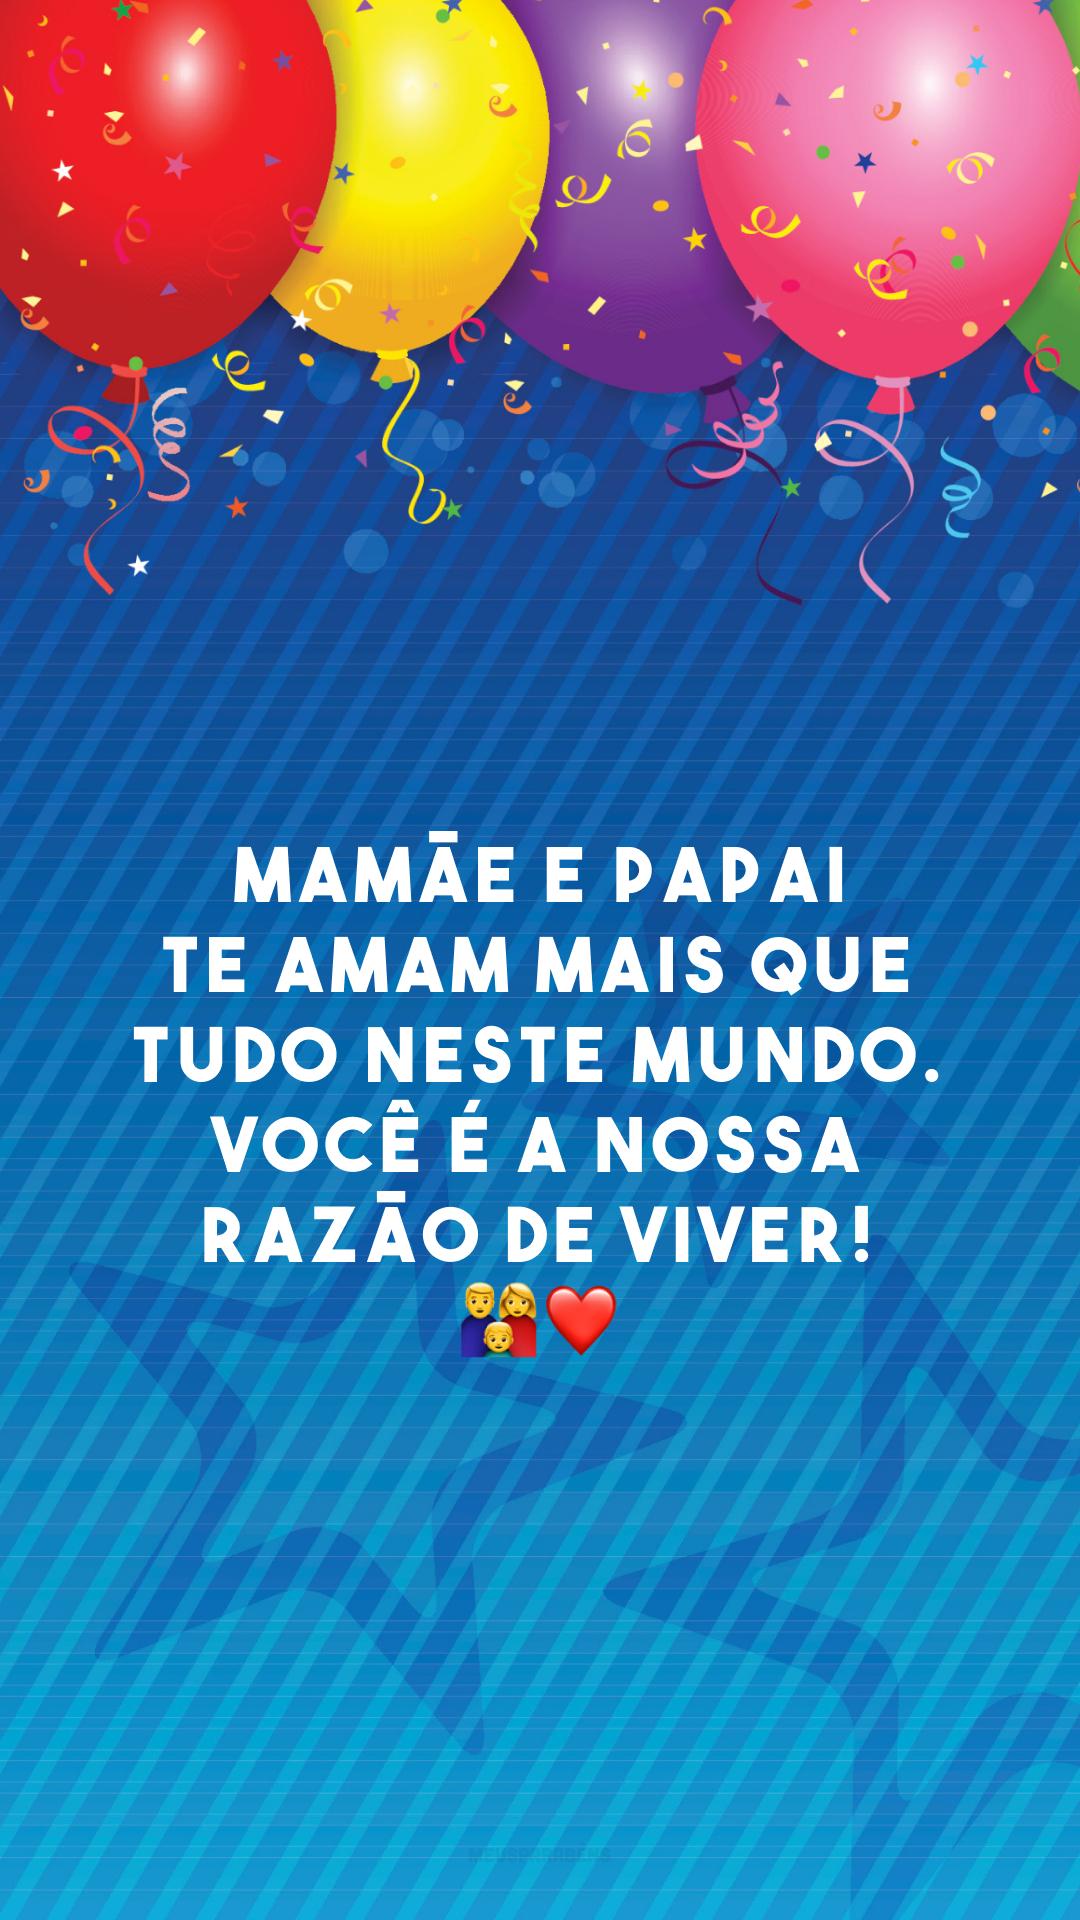 Mamãe e papai te amam mais que tudo neste mundo. Você é a nossa razão de viver! 👨👩👦❤